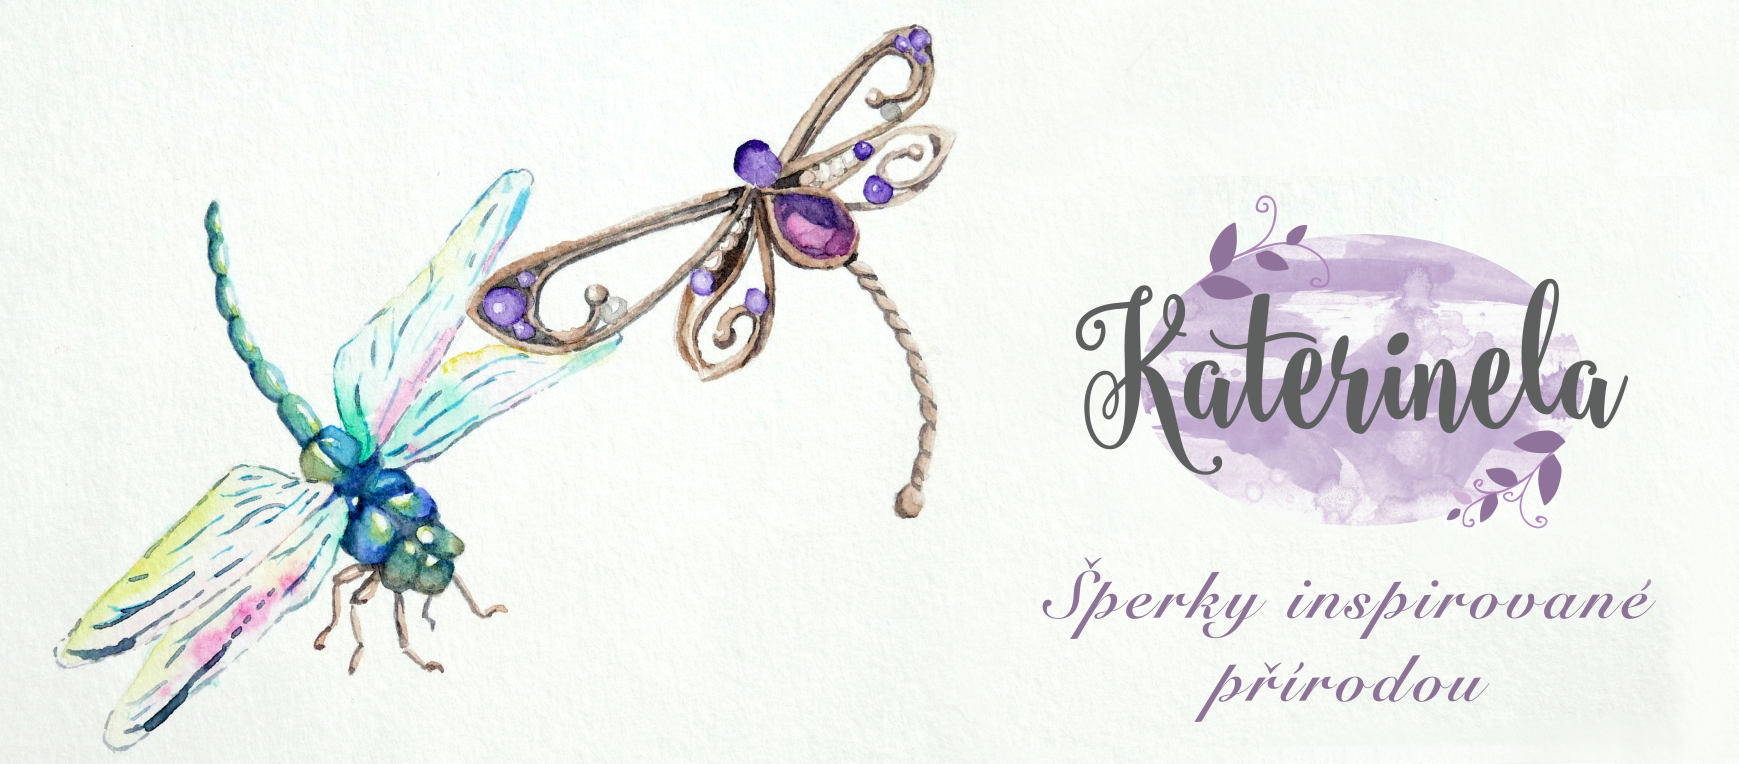 Šperky od Katerinely